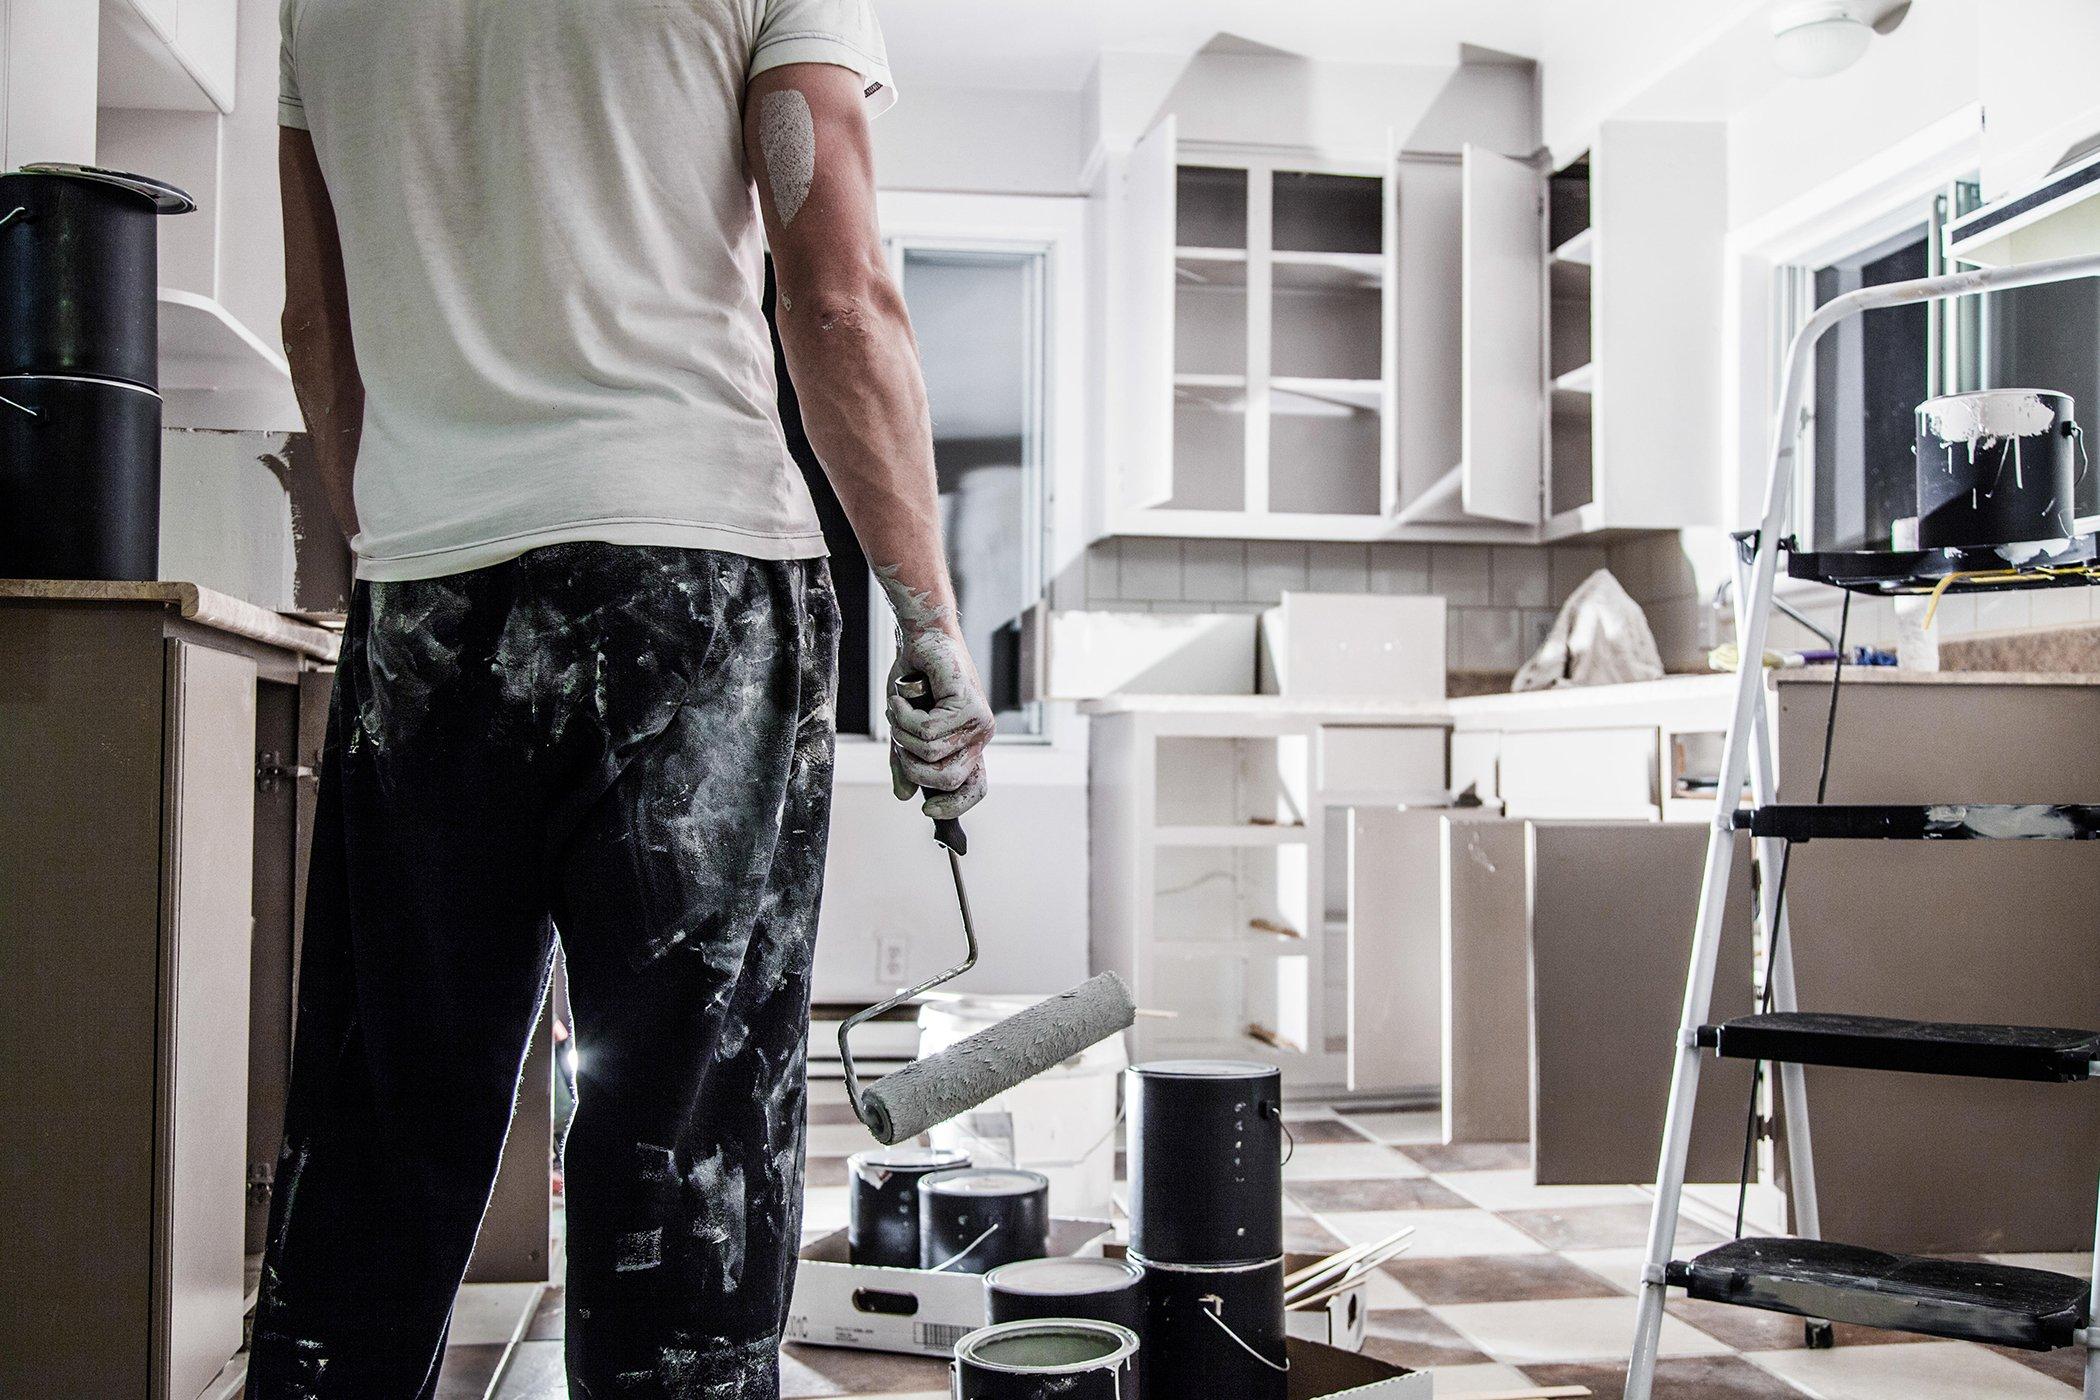 5 saker att tänka på vid köksrenovering